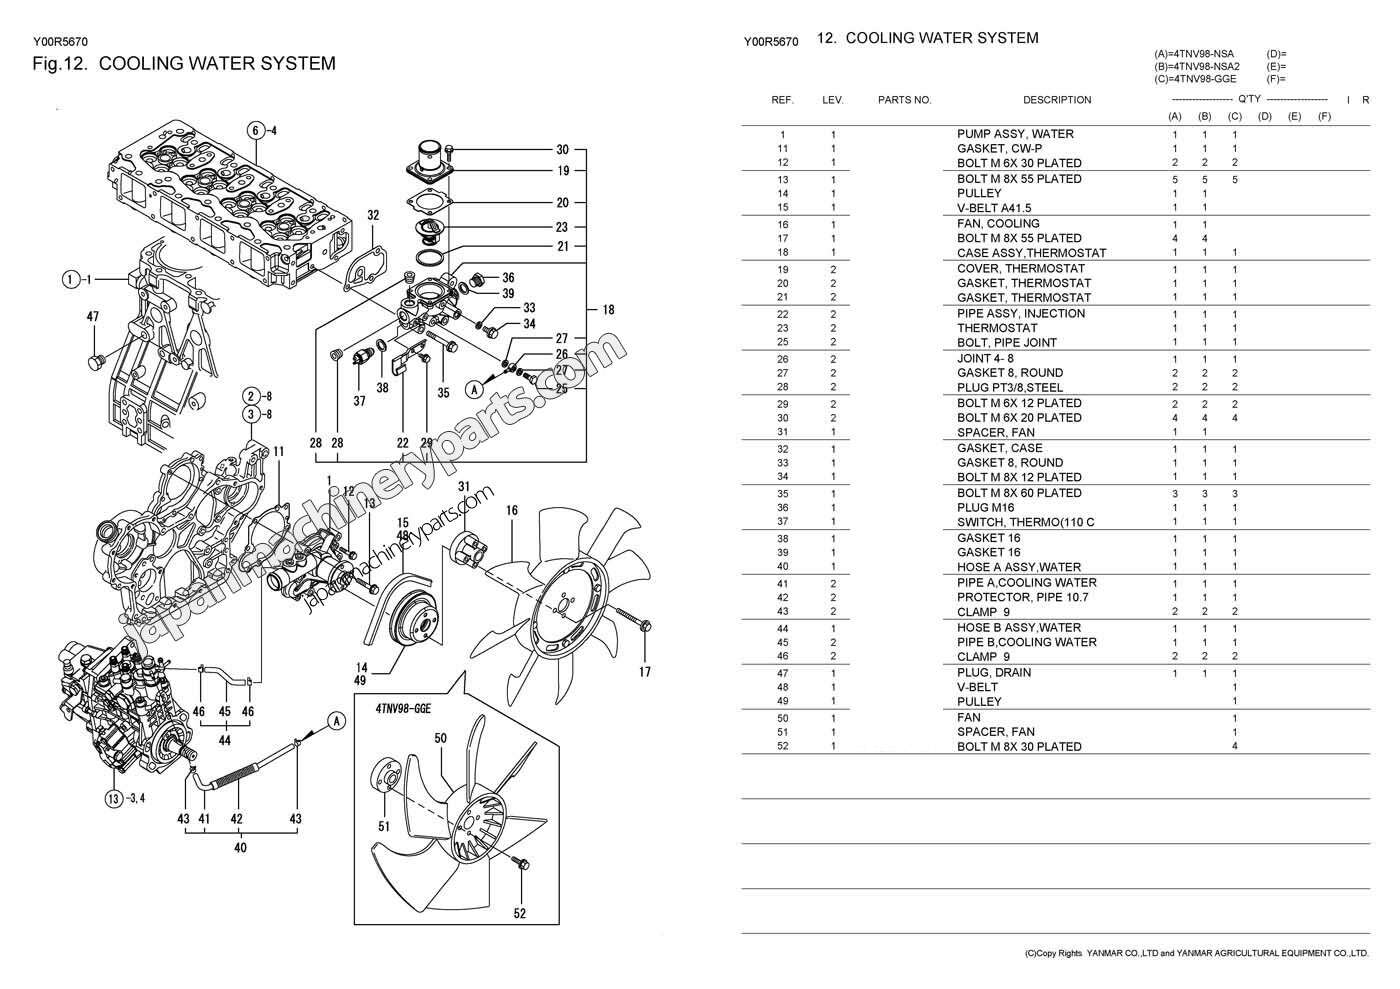 yanmar 4tnv wiring diagrams wiring diagram database perkins wiring diagram parts for yanmar 4tnv98 nsa nsa2 gge motorola alternator wiring diagram cooling water system